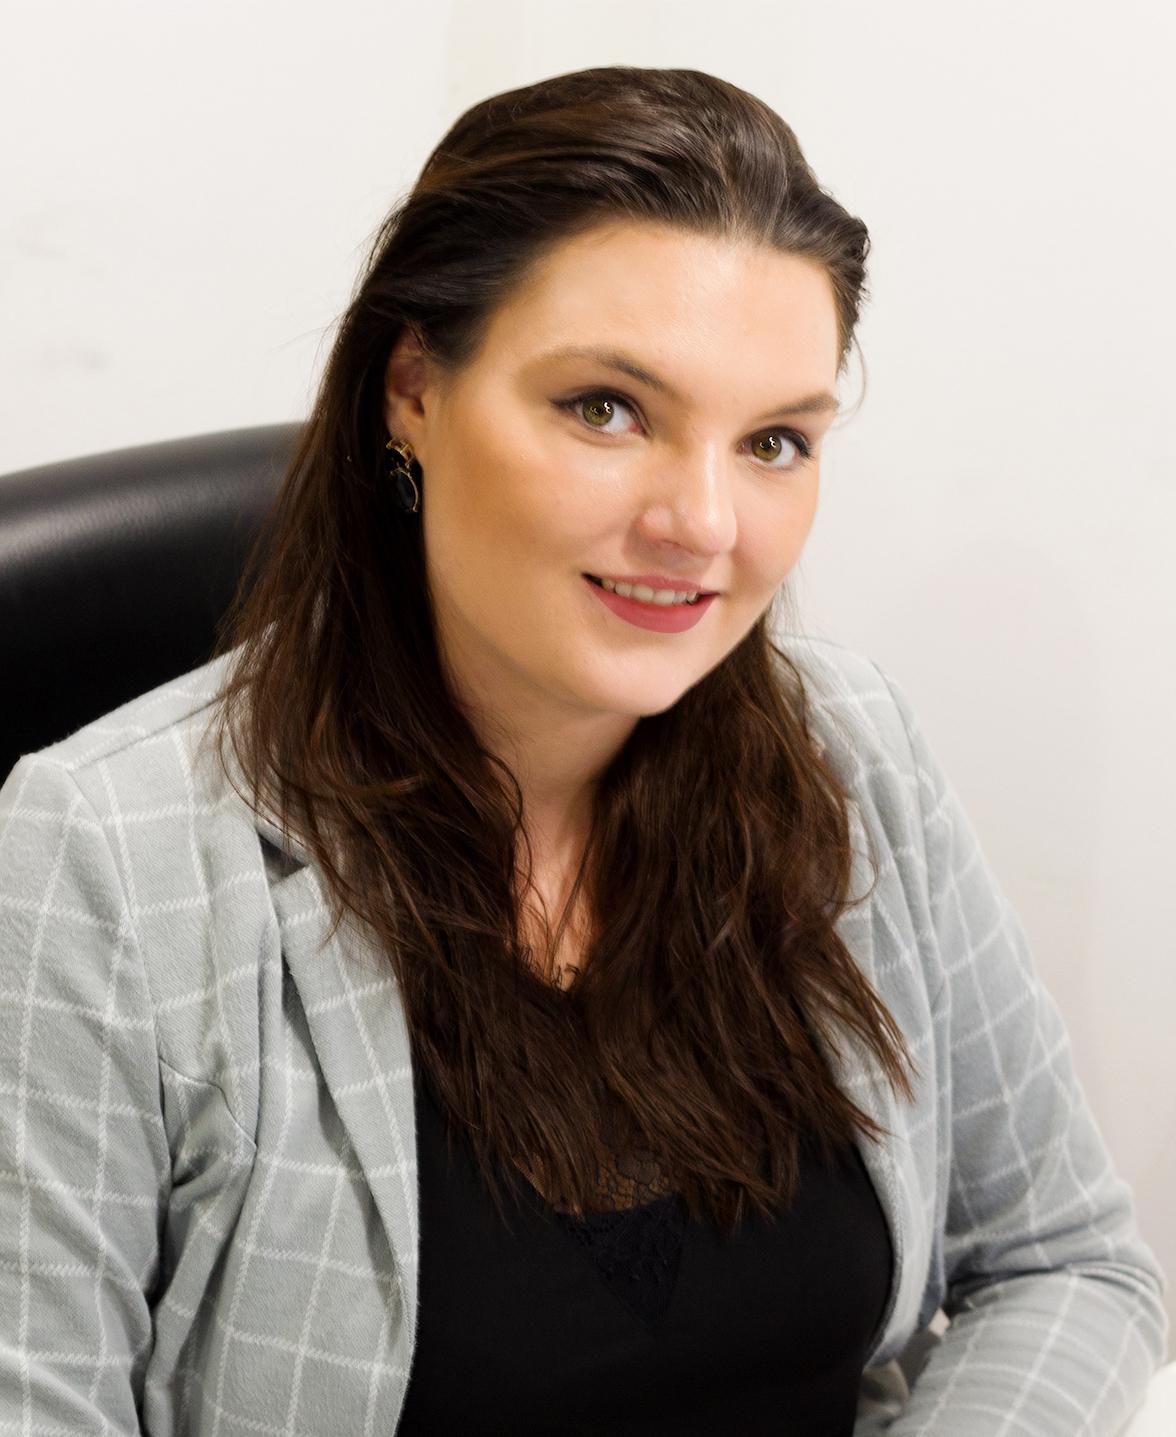 Ausbildung zur Mediengestalterin: Erfahrungsbericht Michelle Marschall